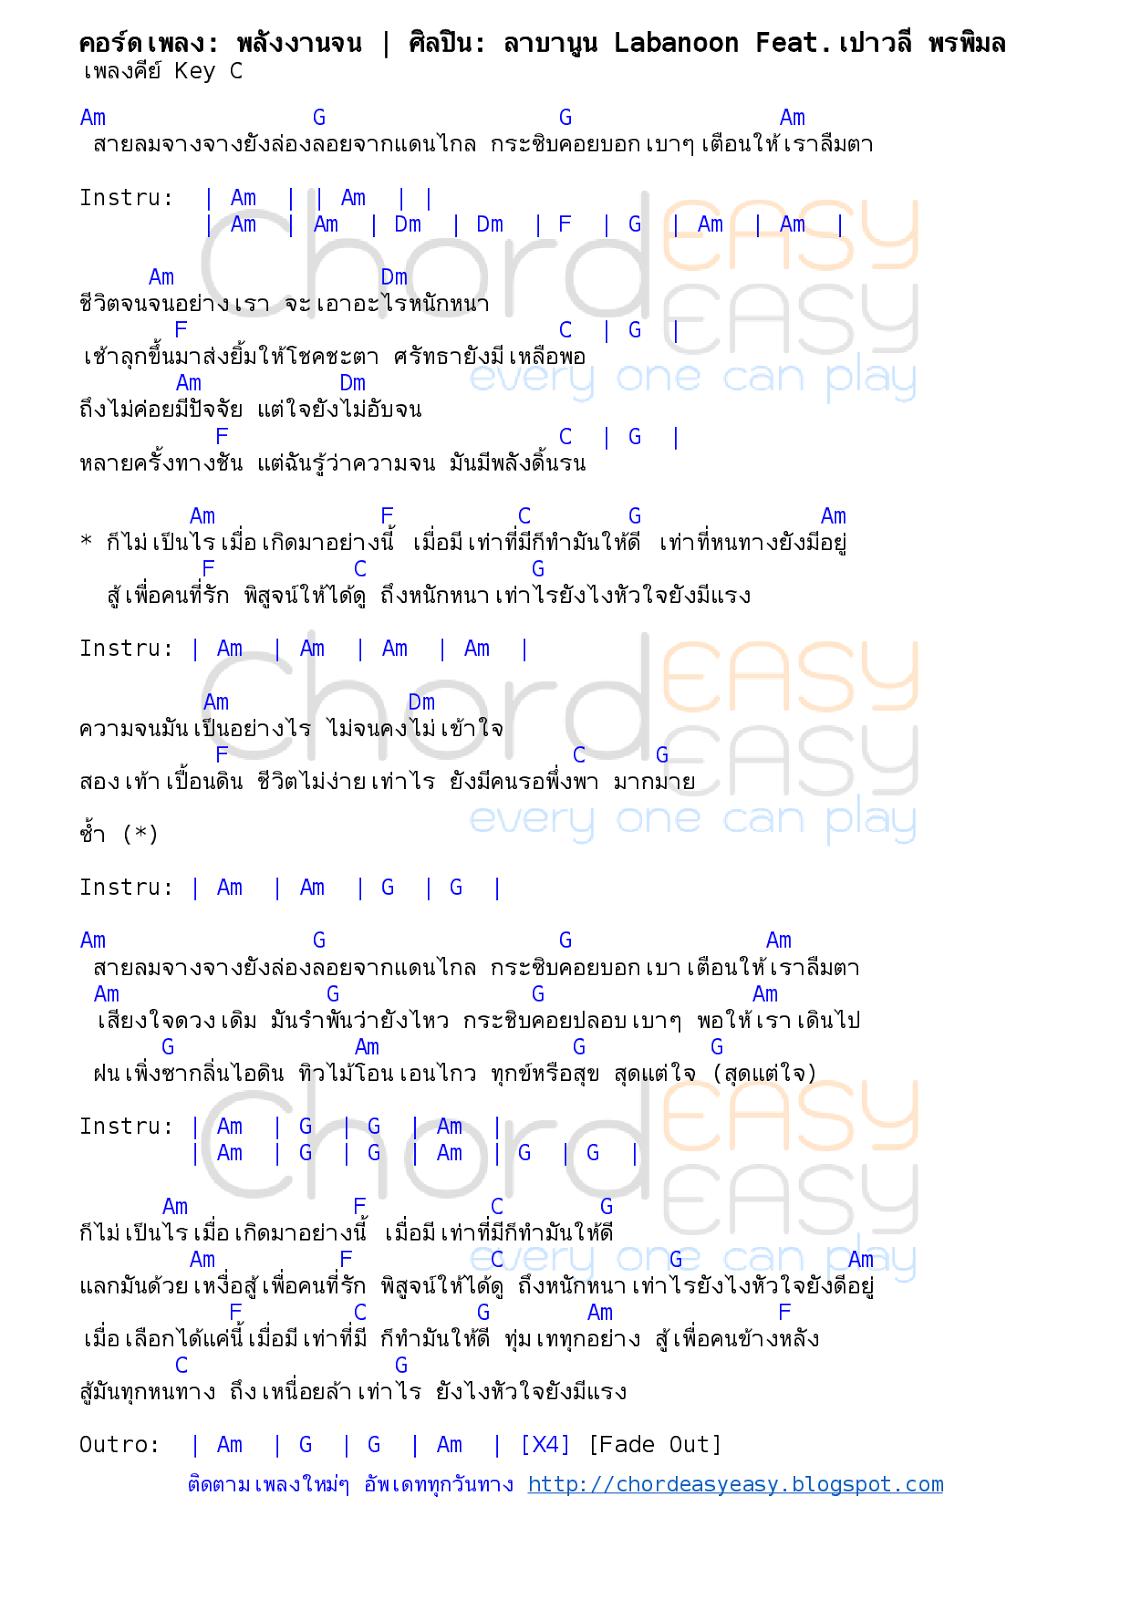 คอร์ดเพลง: พลังงานจน | ศิลปิน: ลาบานูน Labanoon Feat.เปาวลี พรพิมล | คอร์ดง่ายๆ Key C | คอร์ดเพลง พลังงานจน | คอร์ดกีตาร์ | Ukulele | เนื้อร้อง | เนื้อเพลง พลังงานจน | ลาบานูน Labanoon Feat.เปาวลี พรพิมล